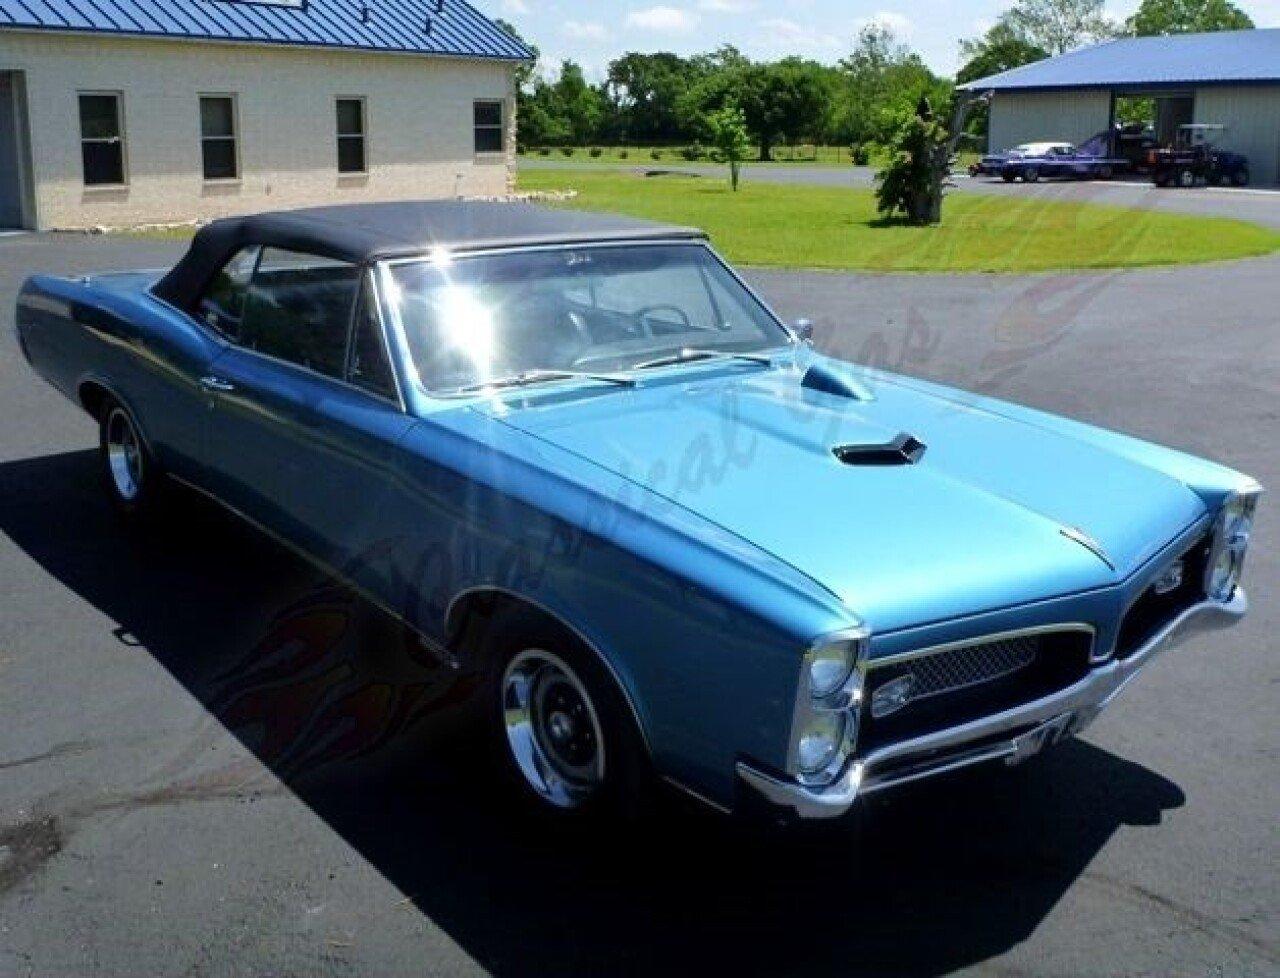 1967 Pontiac Gto 400 Project Car For Sale: 1967 Pontiac GTO For Sale Near Arlington, Texas 76001